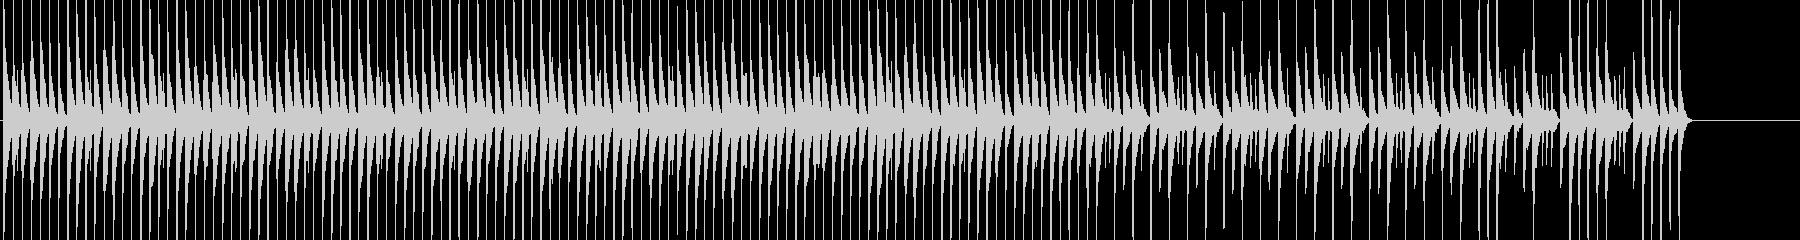 三線を使った淡々としてほのぼのしたBGMの未再生の波形